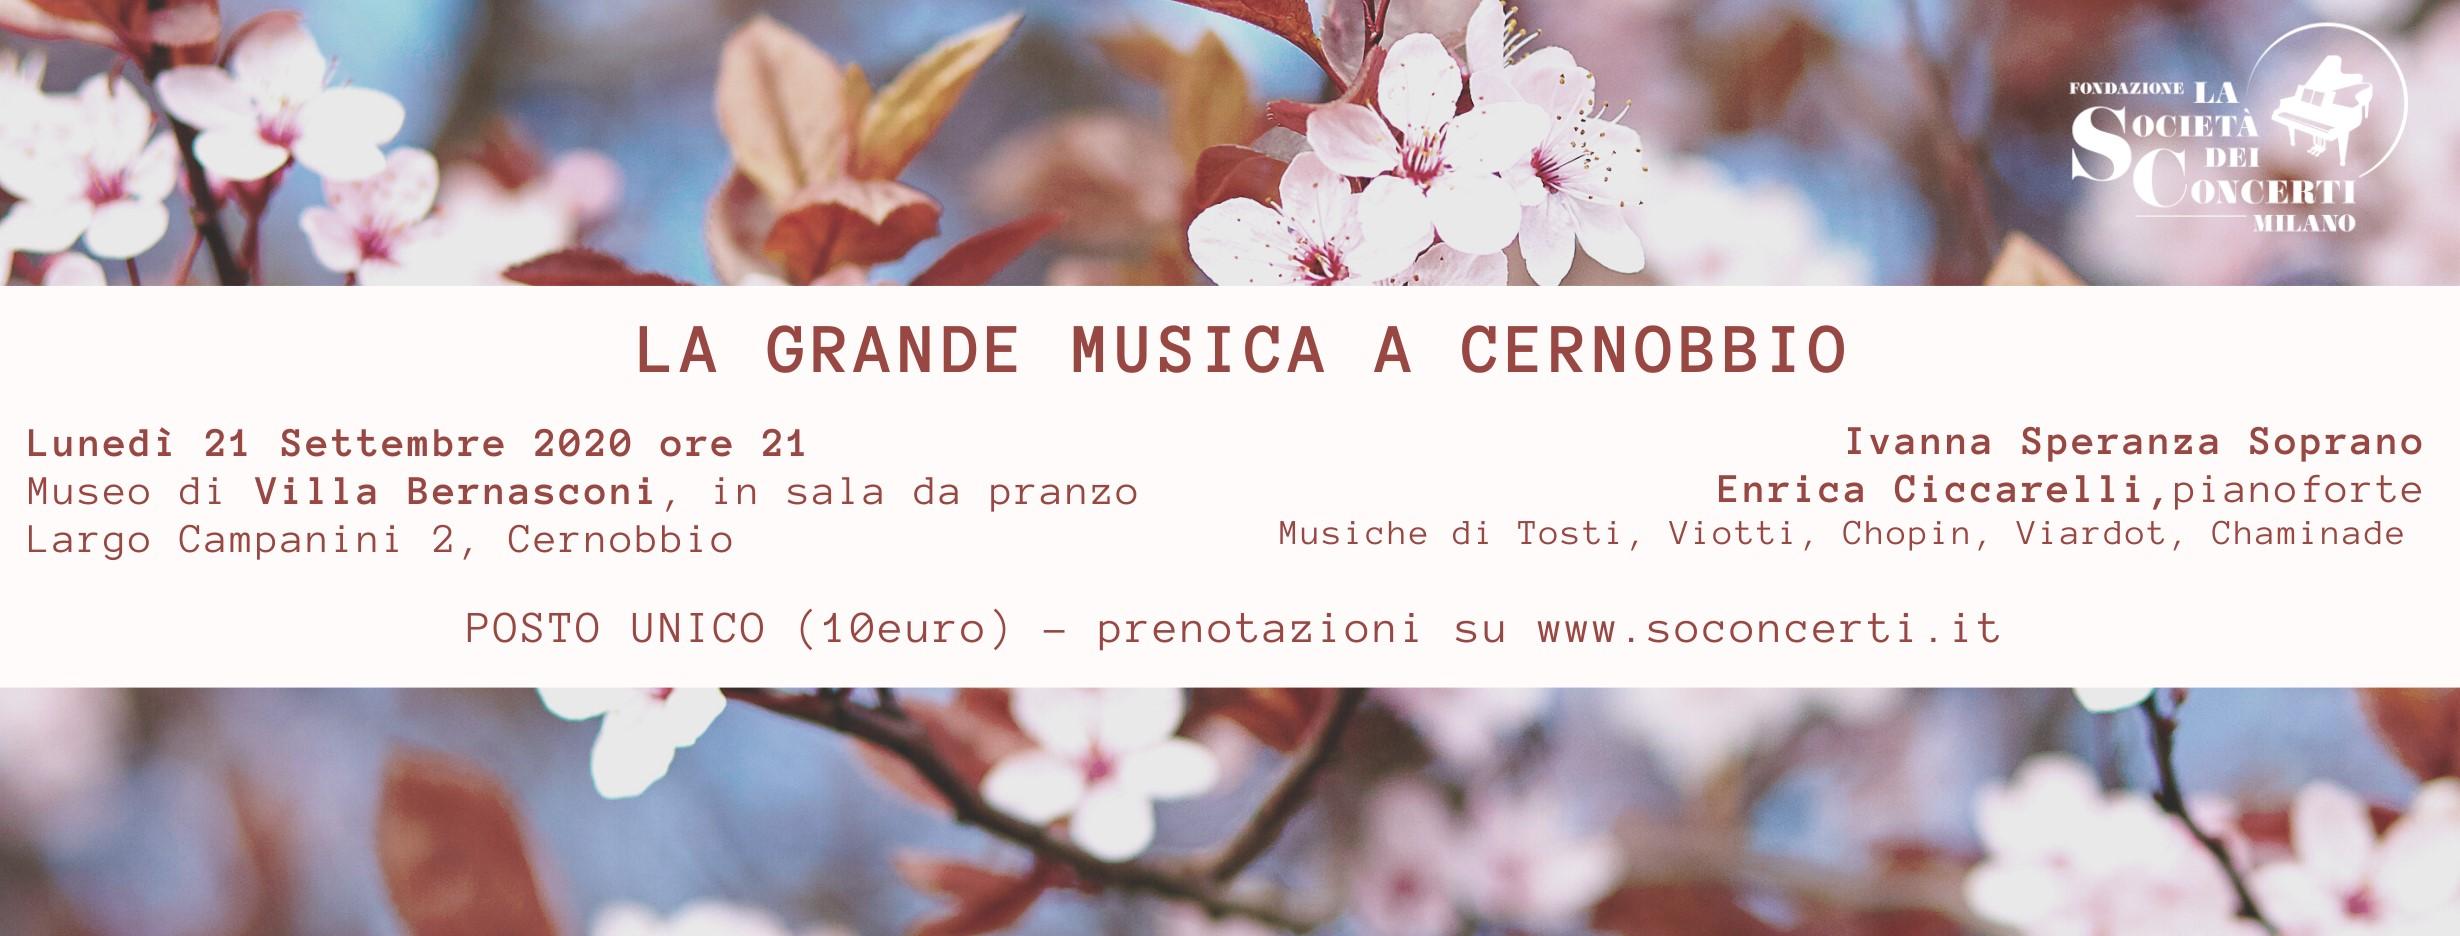 LA GRANDE MUSICA A CERNOBBIO – QUI C'E' CAMPO